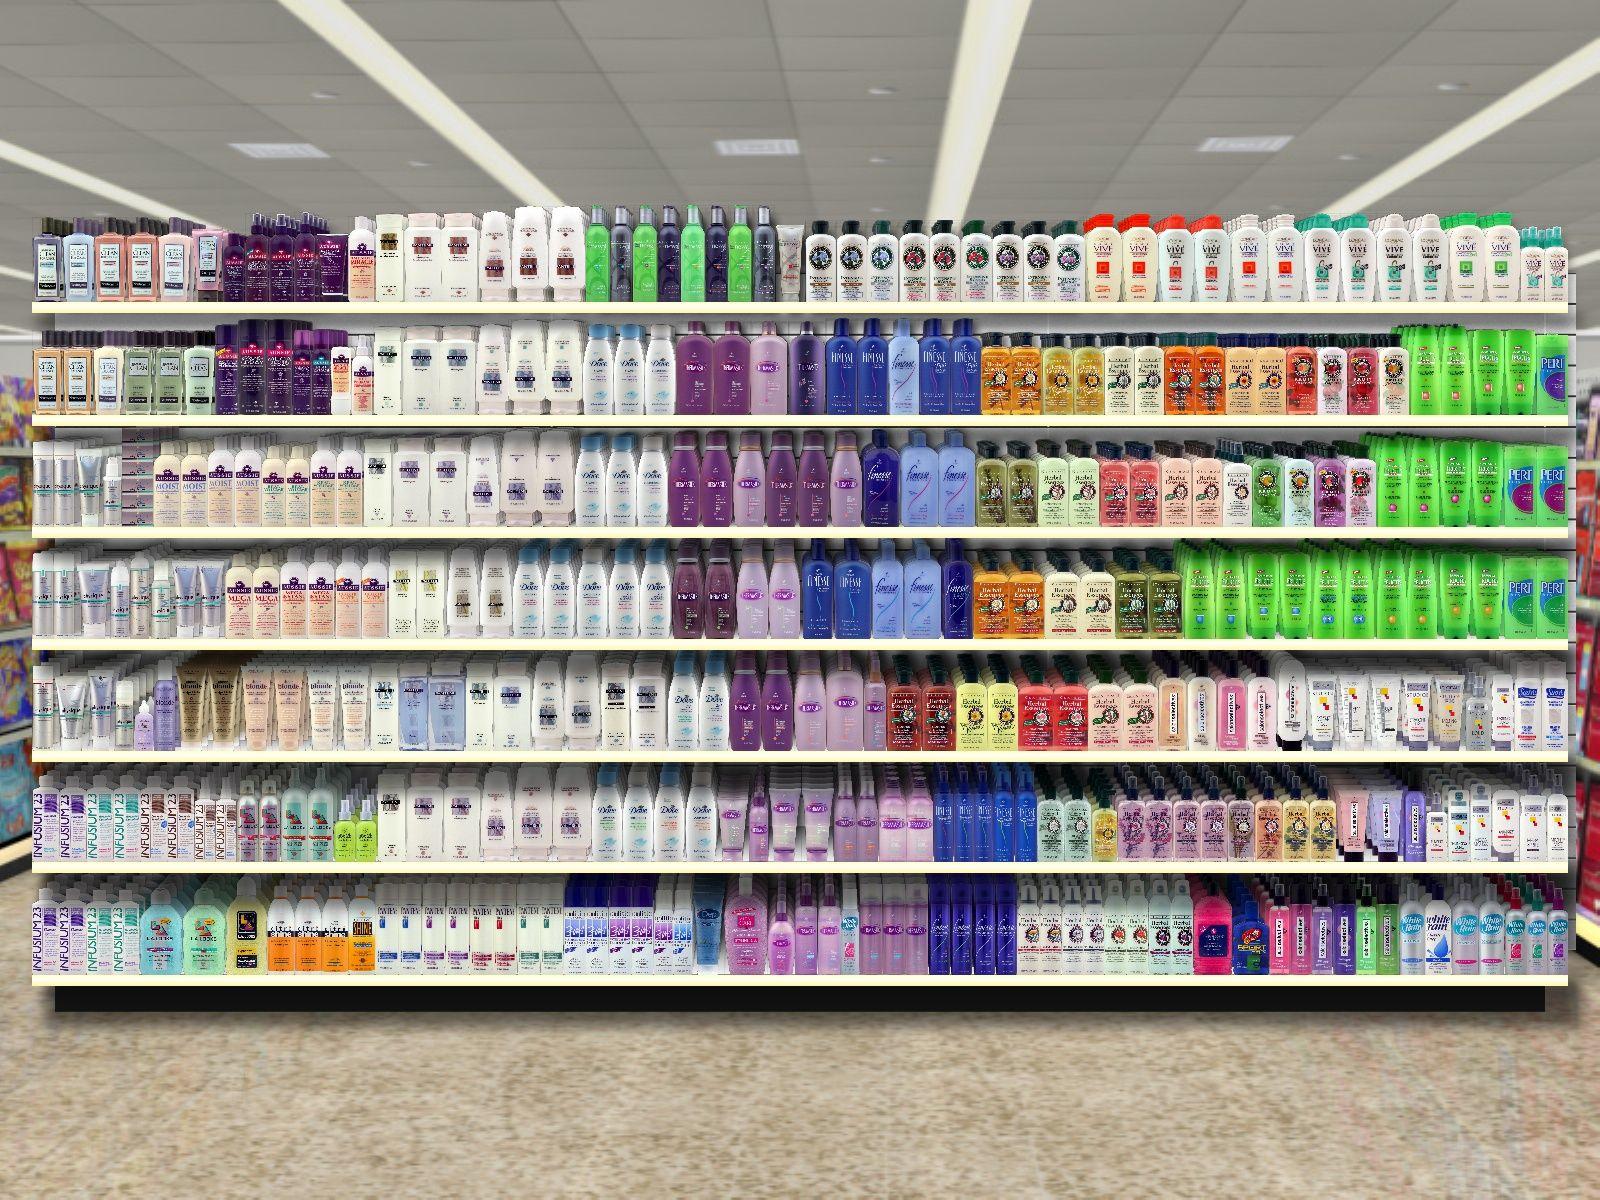 Qué es cross merchandising y en qué beneficia al cliente